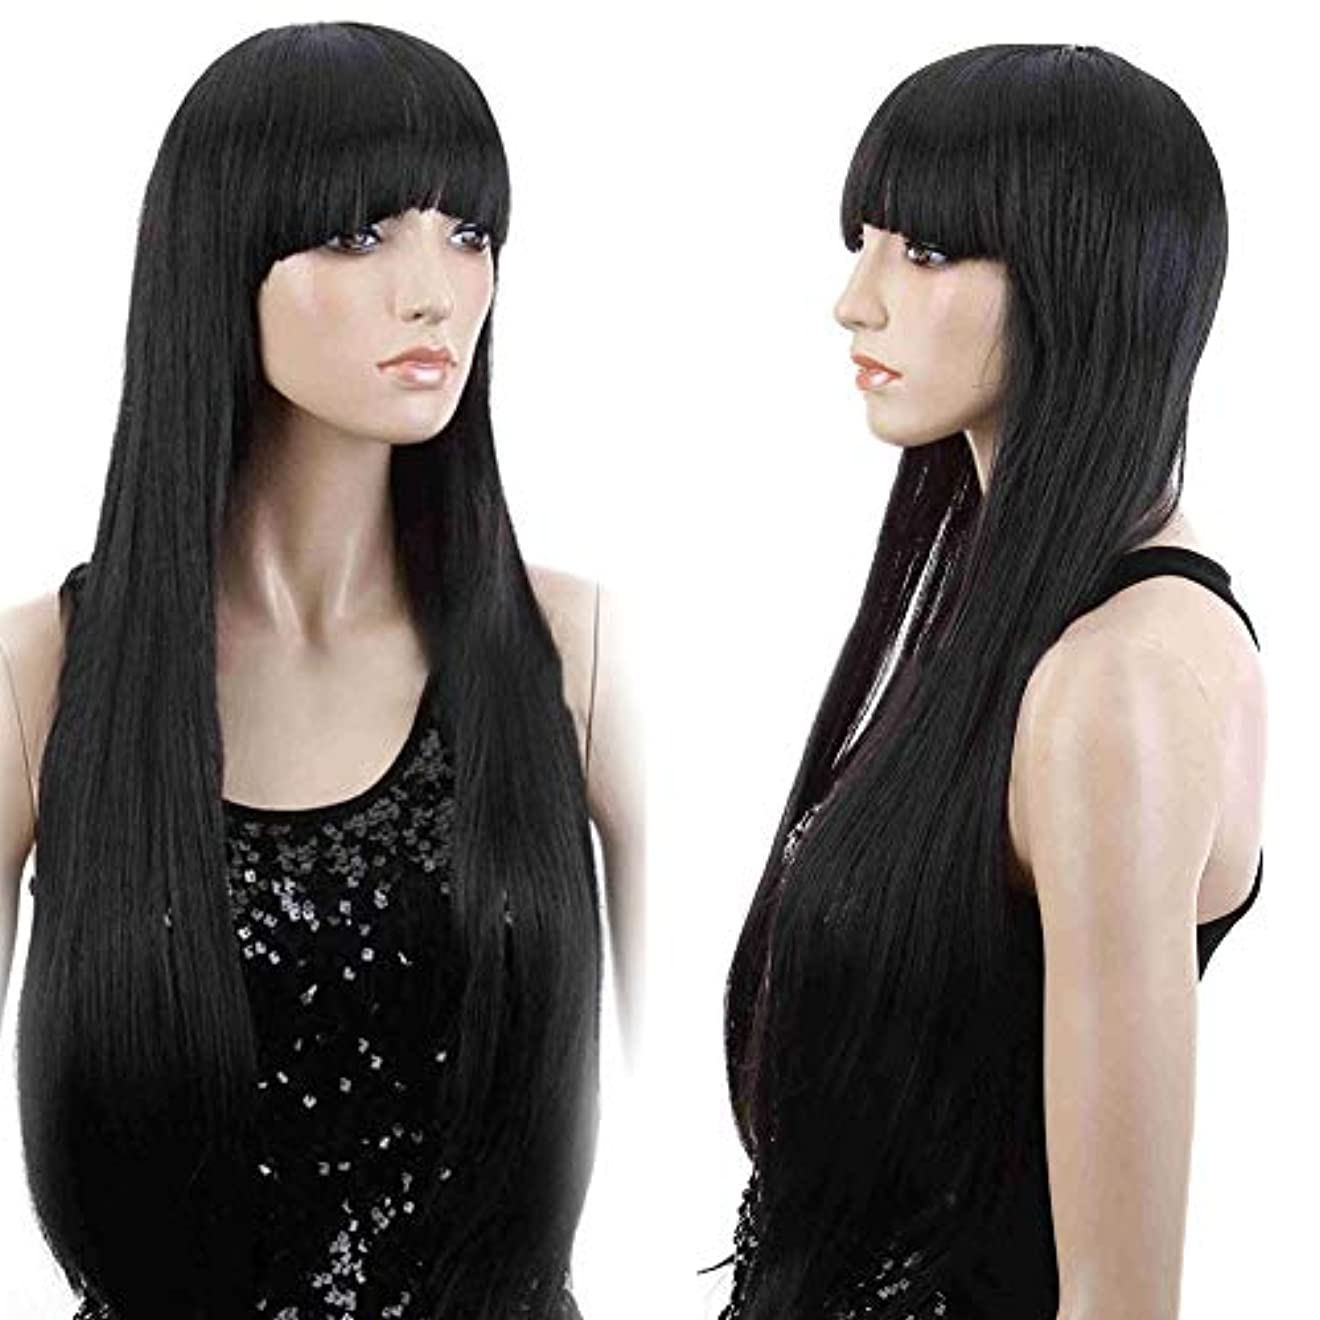 特異な定義高齢者slQinjiansav女性ウィッグ修理ツール女性前髪耐熱性ロングストレートウィッグコスプレパーティー合成ヘアピース